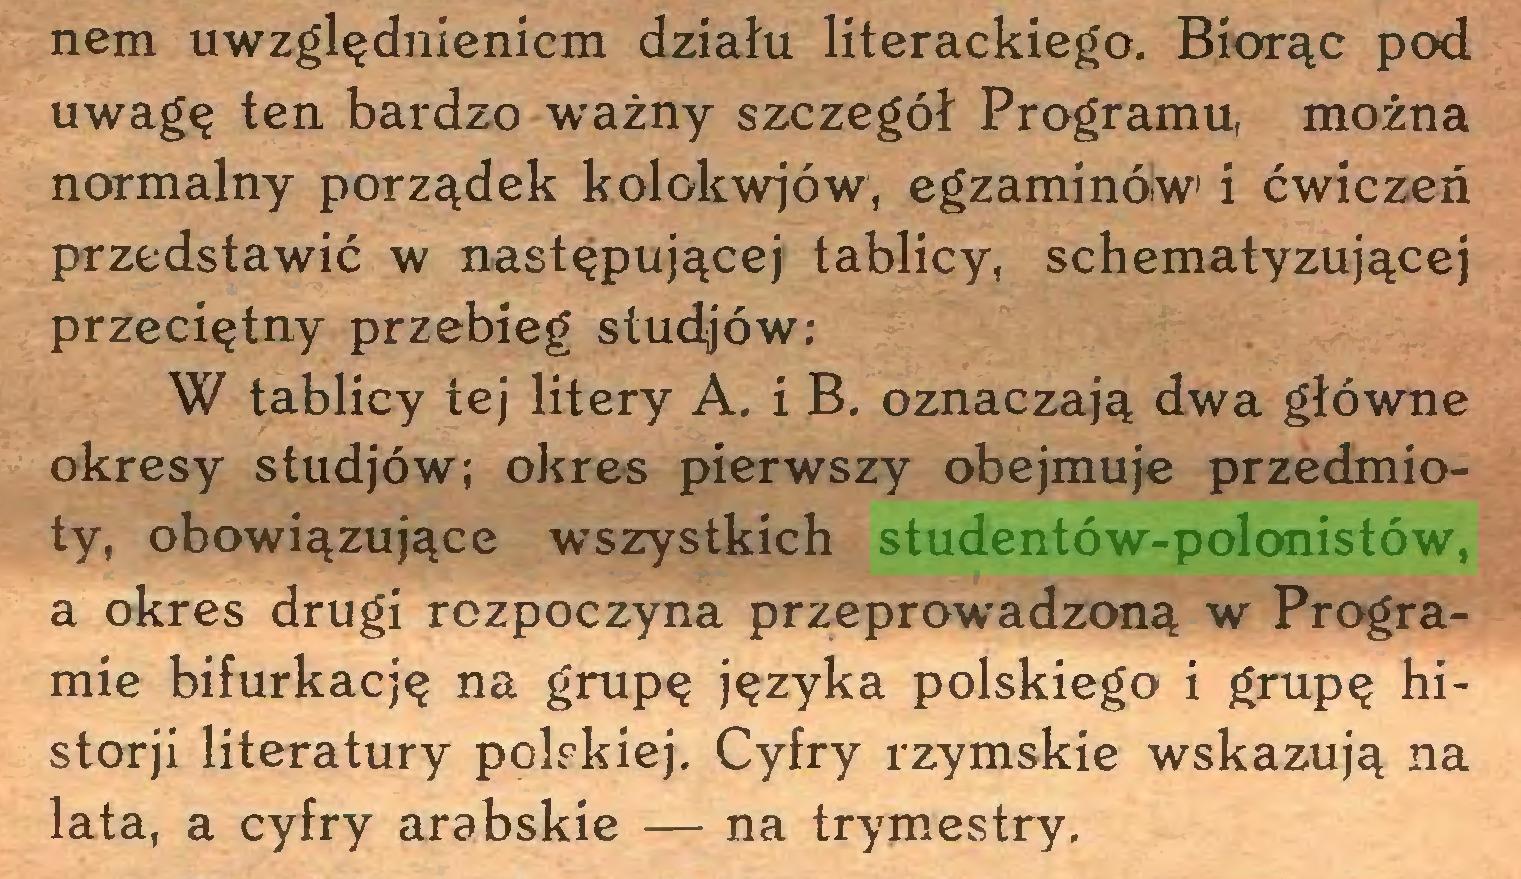 (...) nem uwzględnieniem działu literackiego. Biorąc pod uwagę ten bardzo ważny szczegół Programu, można normalny porządek kolokwjów, egzaminóiw i ćwiczeń przedstawić w następującej tablicy, schematyzującej przeciętny przebieg studjów; W tablicy tej litery A. i B. oznaczają dwa główne okresy studjów; okres pierwszy obejmuje przedmioty, obowiązujące wszystkich studentów-polonistów, a okres drugi rozpoczyna przeprowadzoną w Programie bifurkację na grupę języka polskiego i grupę historji literatury polskiej. Cyfry rzymskie wskazują na lata, a cyfry arabskie — na trymestry...